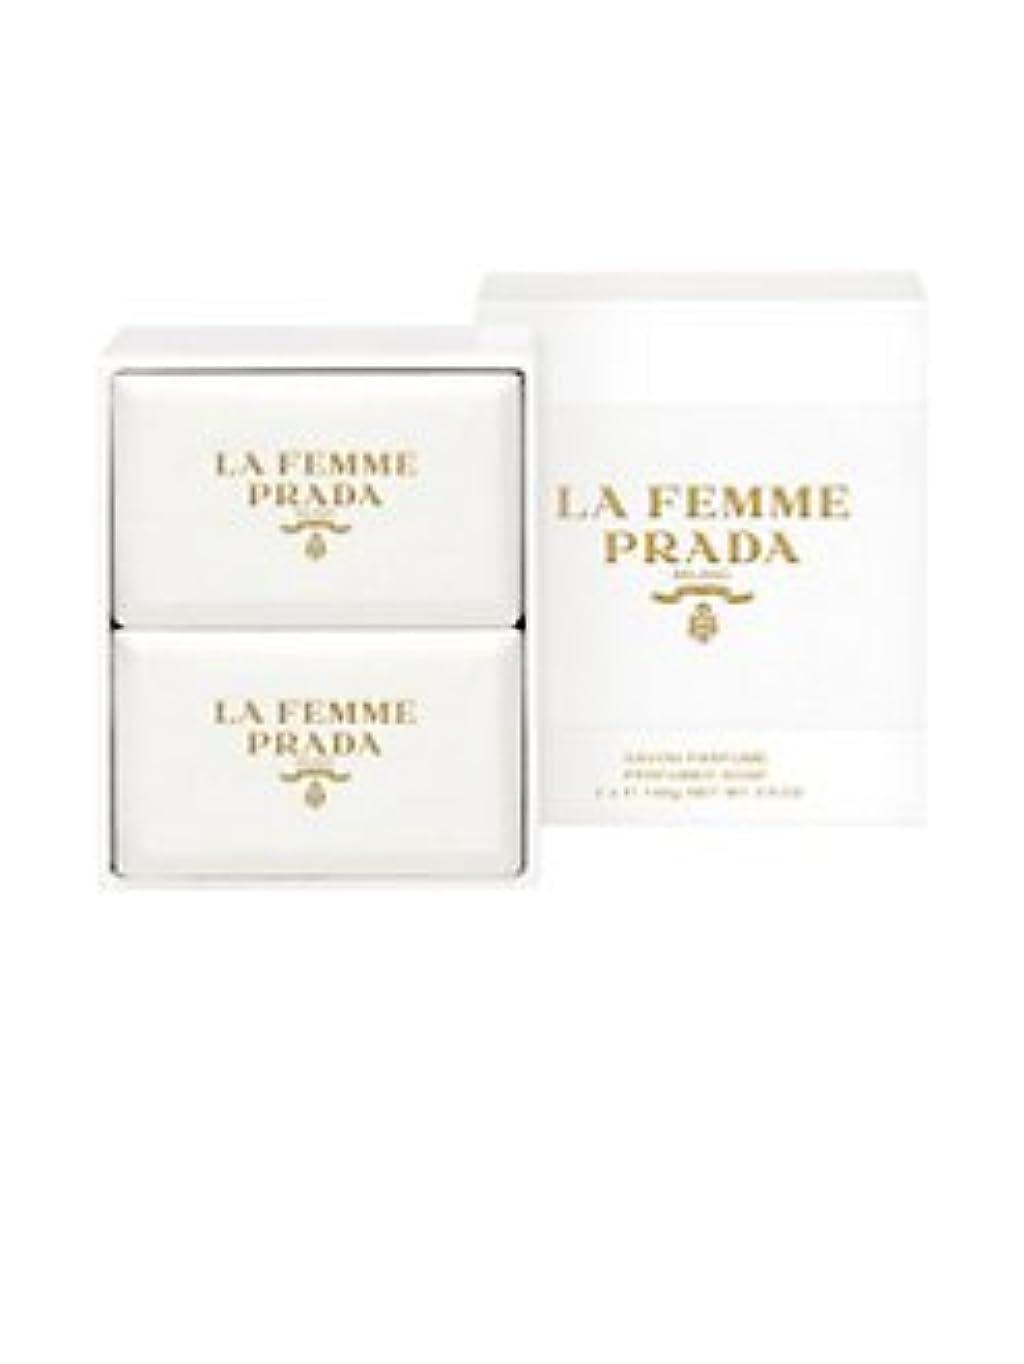 木製促すエクステントLa Femme Prada (ラ フェム プラダ) 1.75 oz (52ml) Soap (石鹸) x 2個 for Women